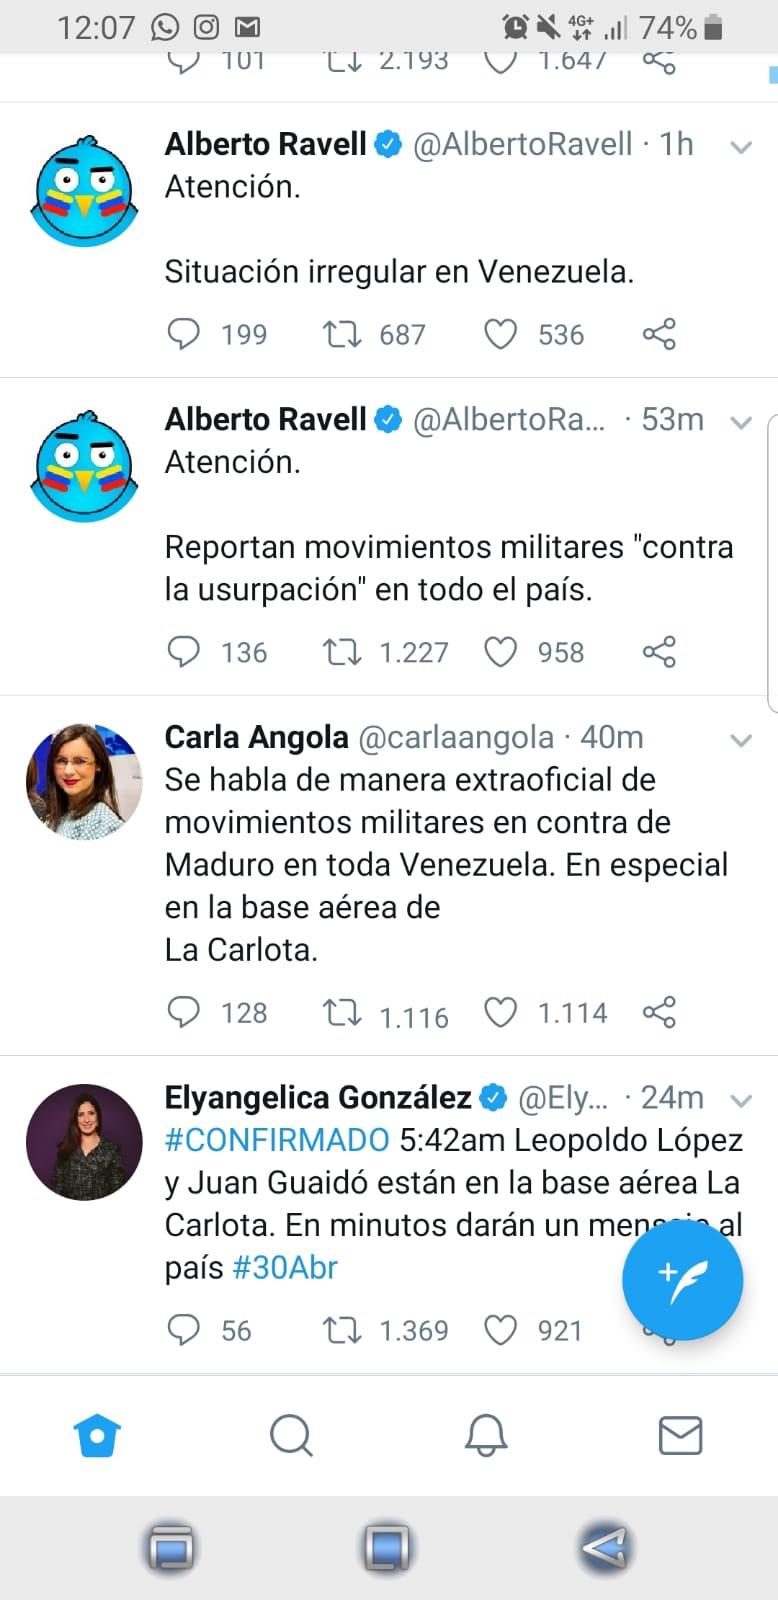 En Venezuela hablan de movimientos militares contra Maduro